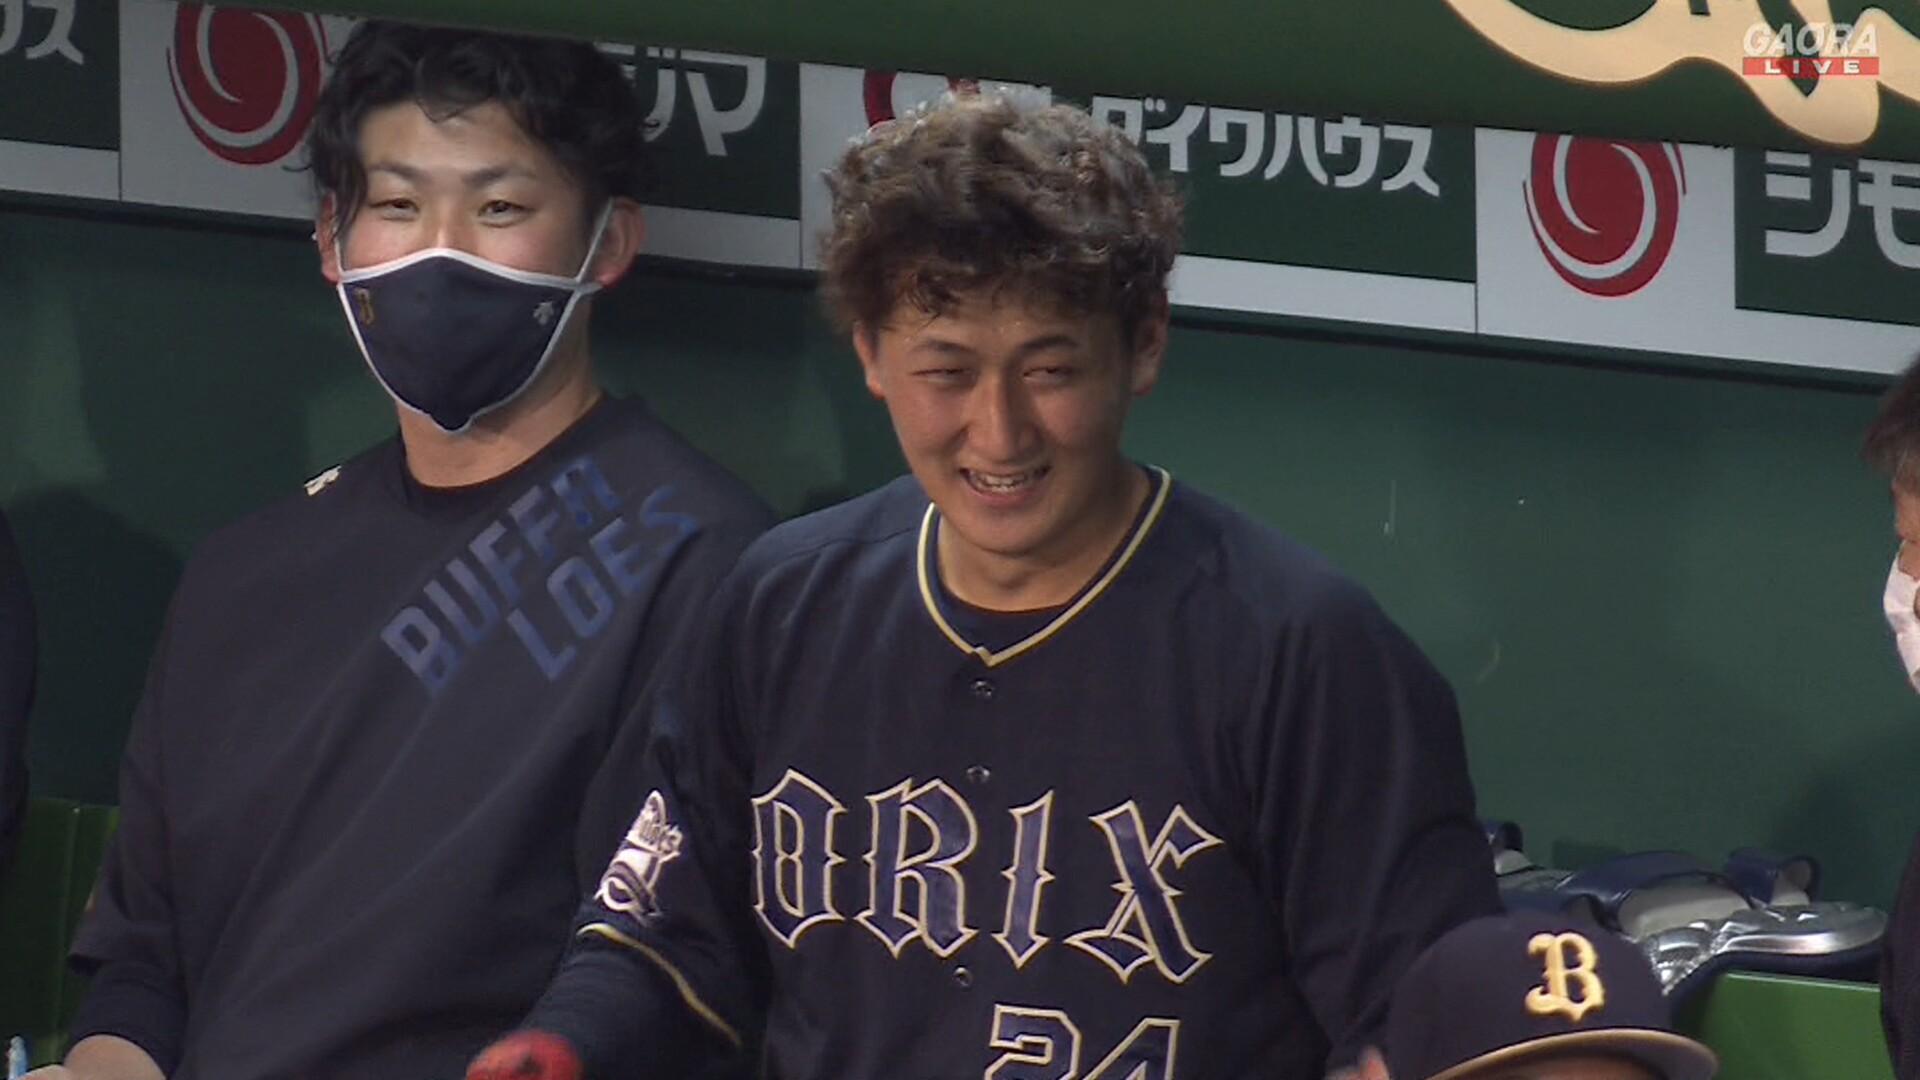 オリックス・紅林、阪神3連戦で7打点の大活躍!